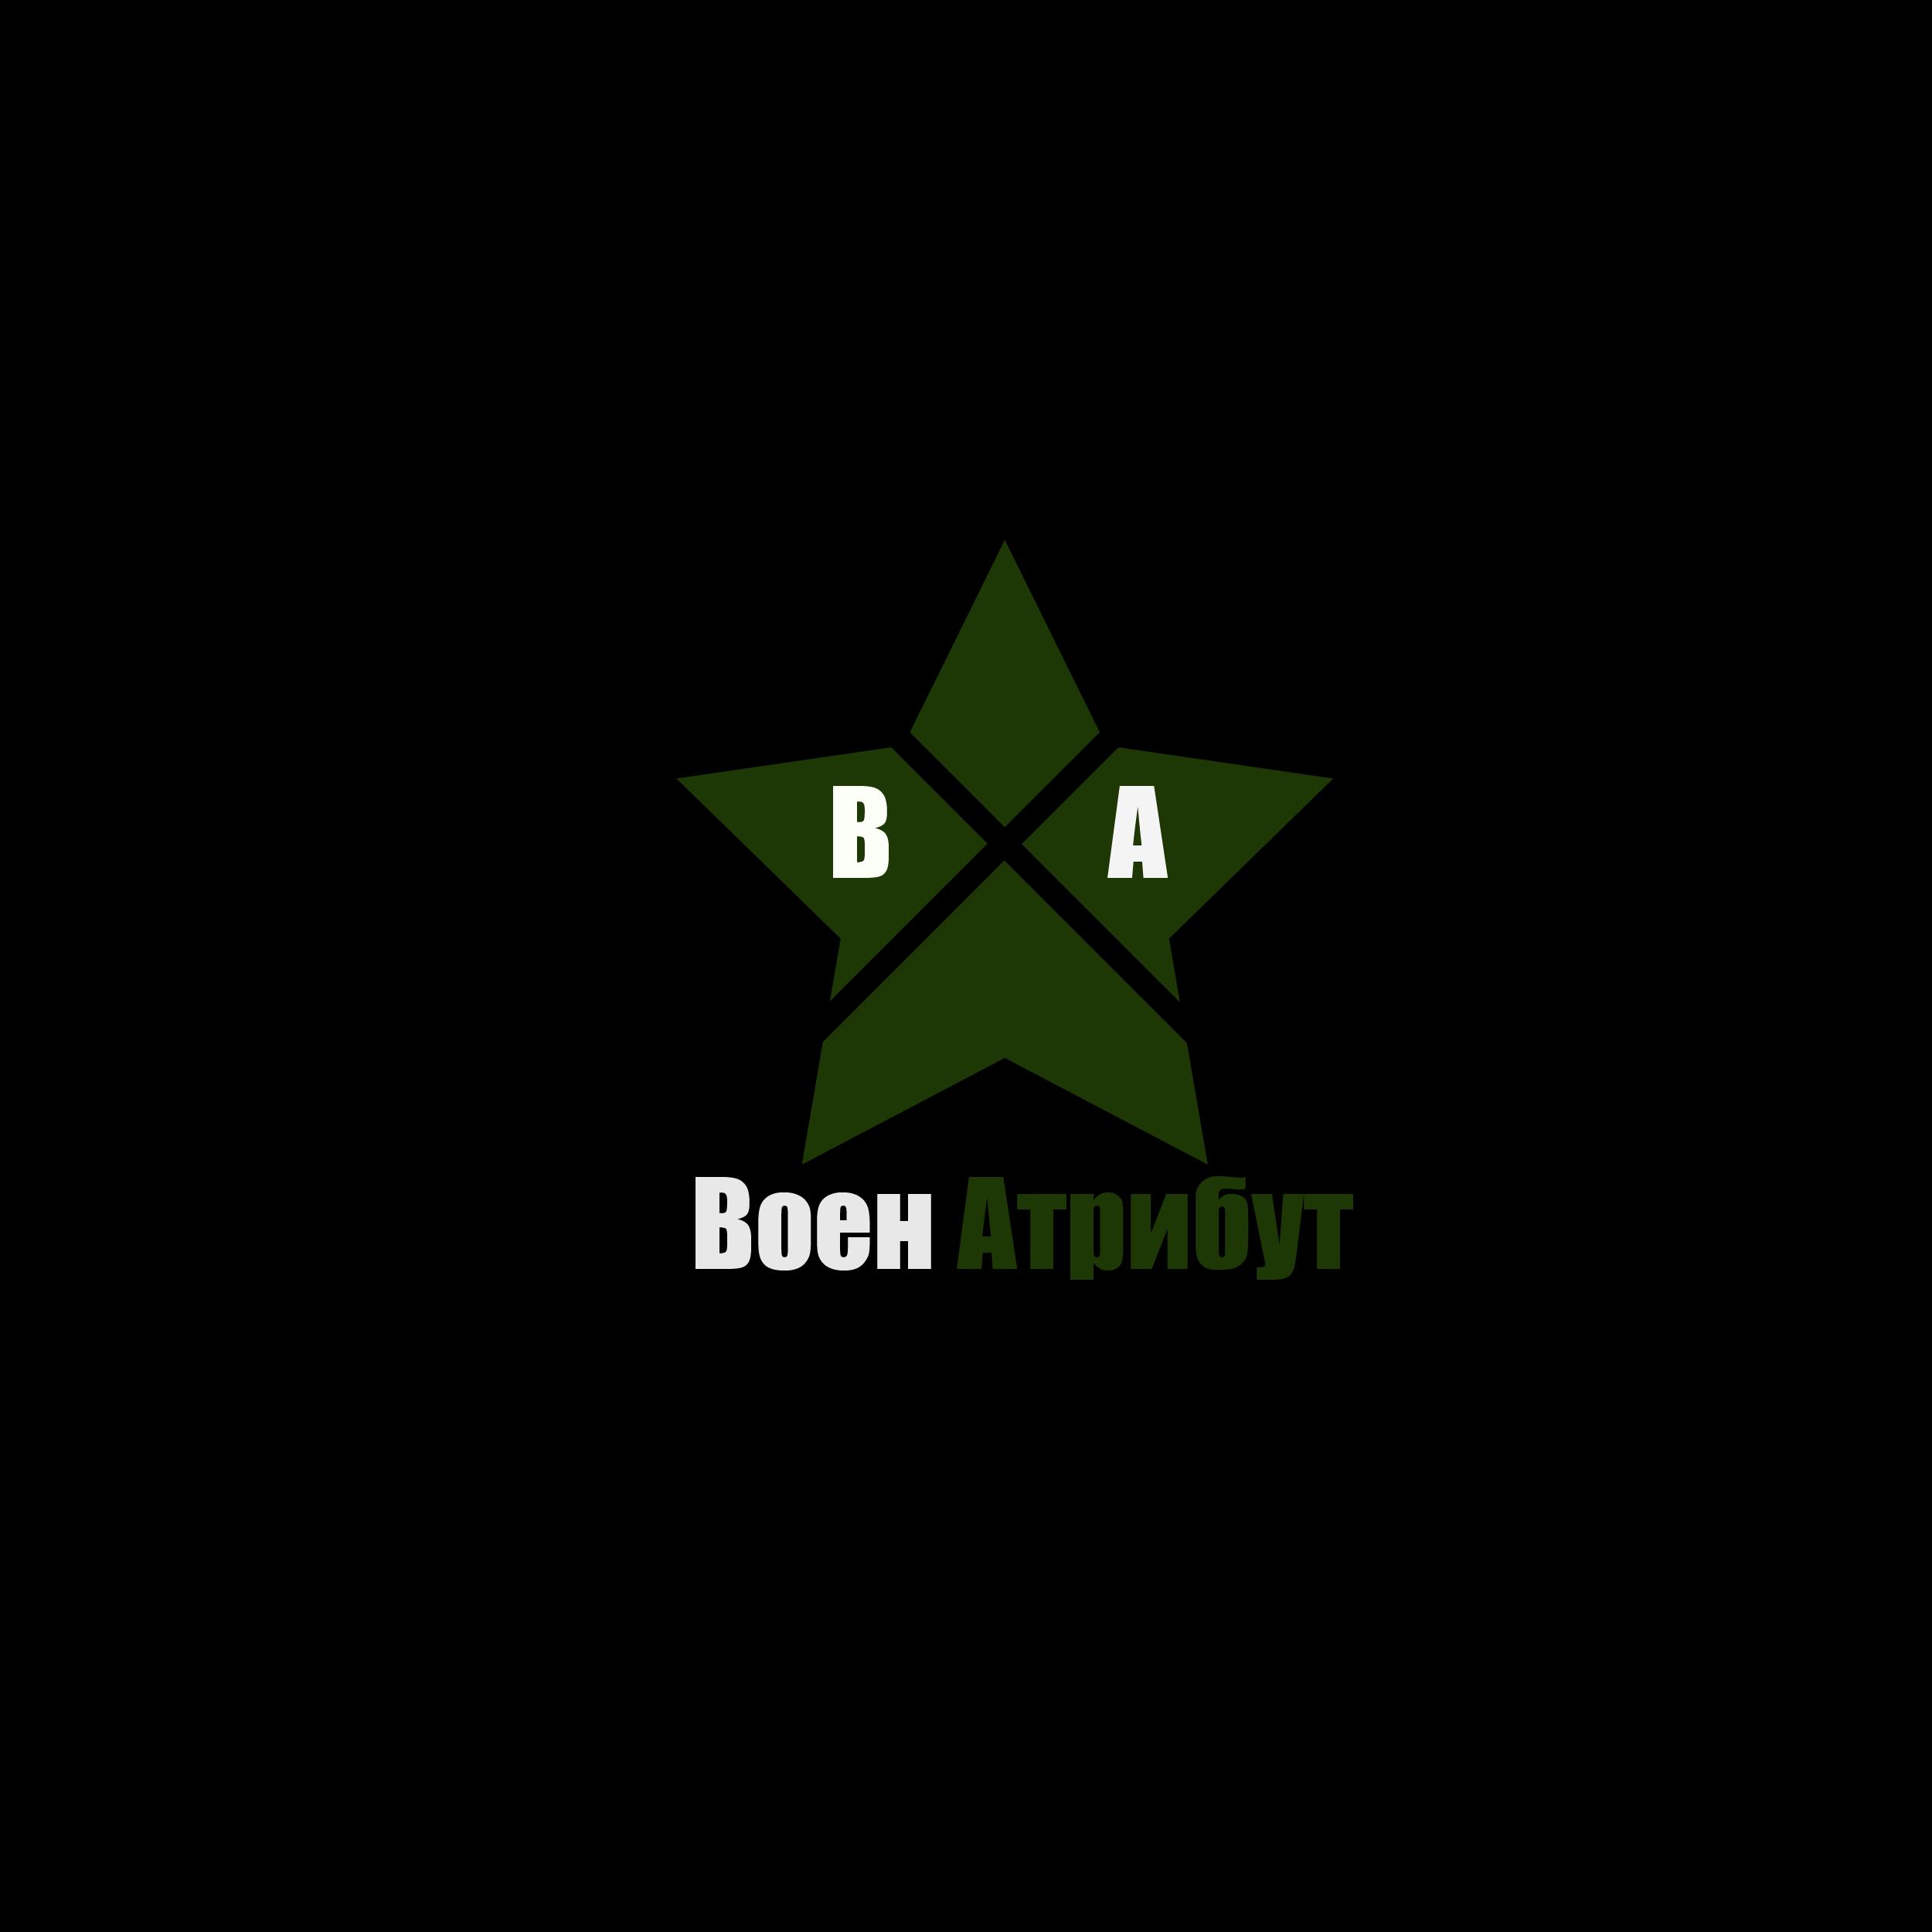 Разработка логотипа для компании военной тематики фото f_162601c18cf4975b.png